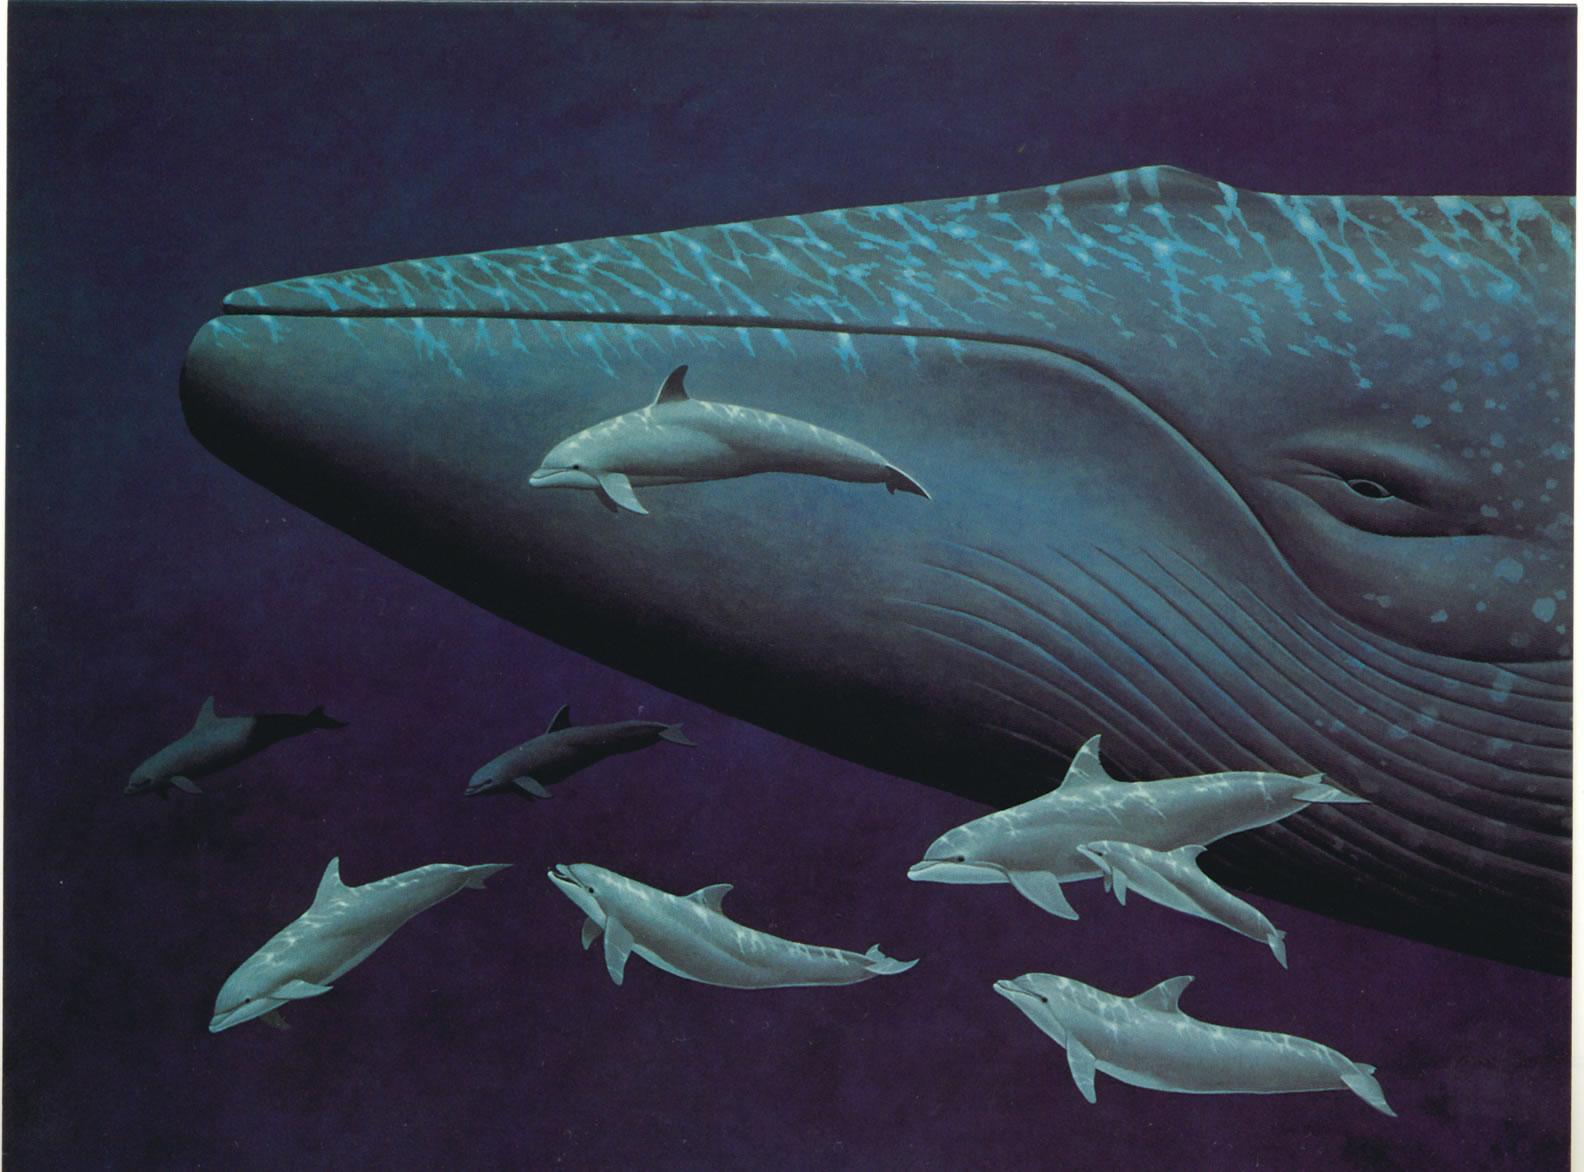 Gambar Ikan Paus Raksasa, Paus Putih ~ Kumpulan Gambar Flora & Fauna